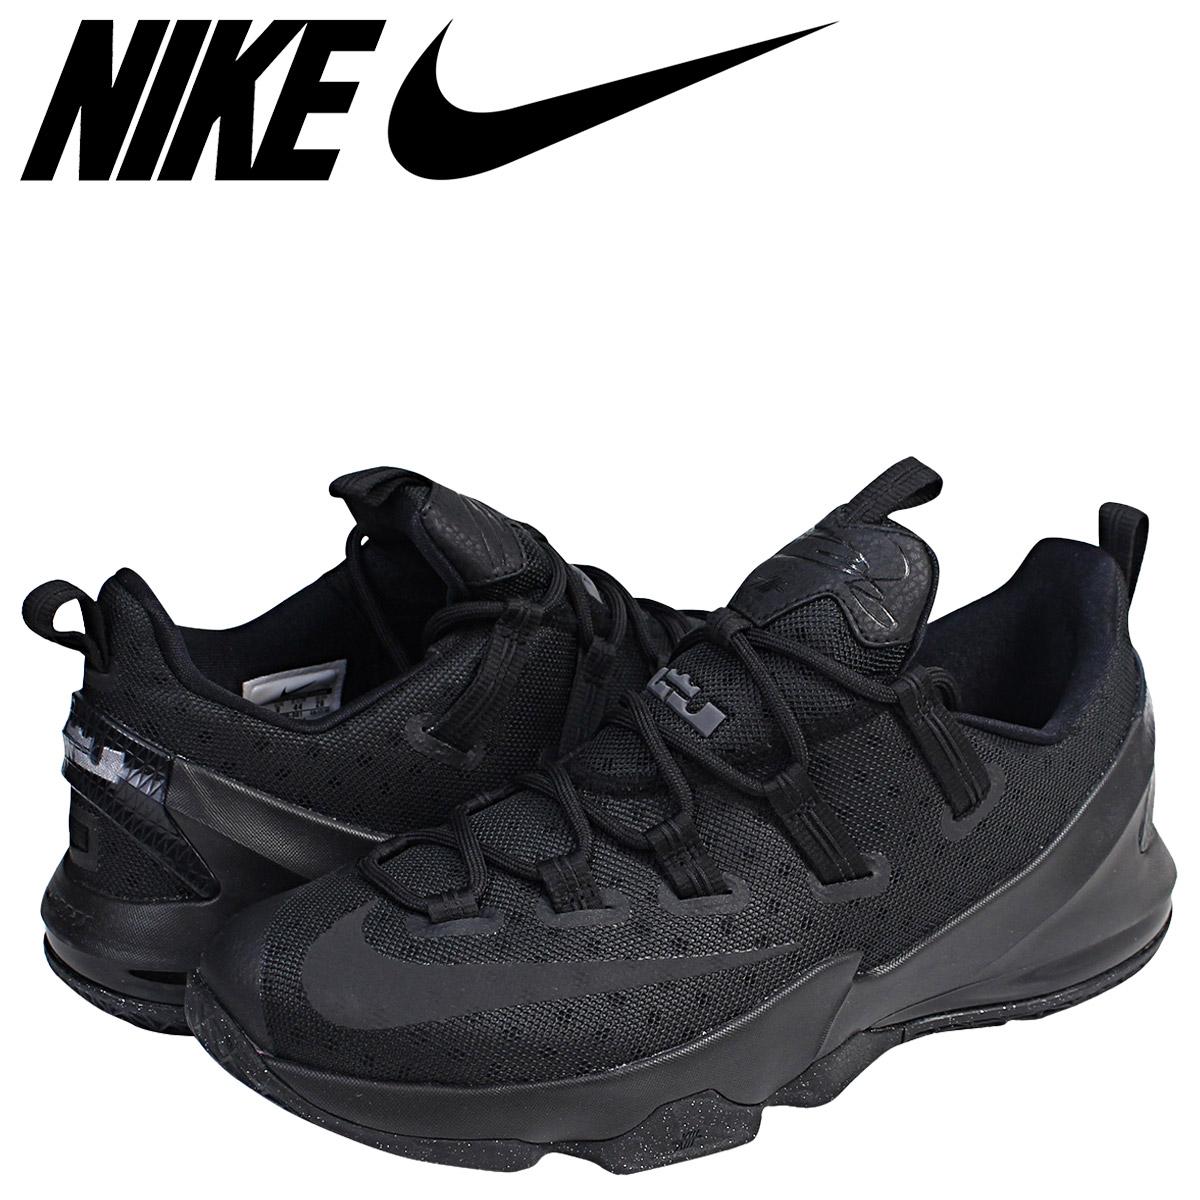 new product f7c40 18f61 NIKE Nike Revlon 13 sneakers LEBRON 13 LOW EP 831,926-001 Revlon James men  shoes black